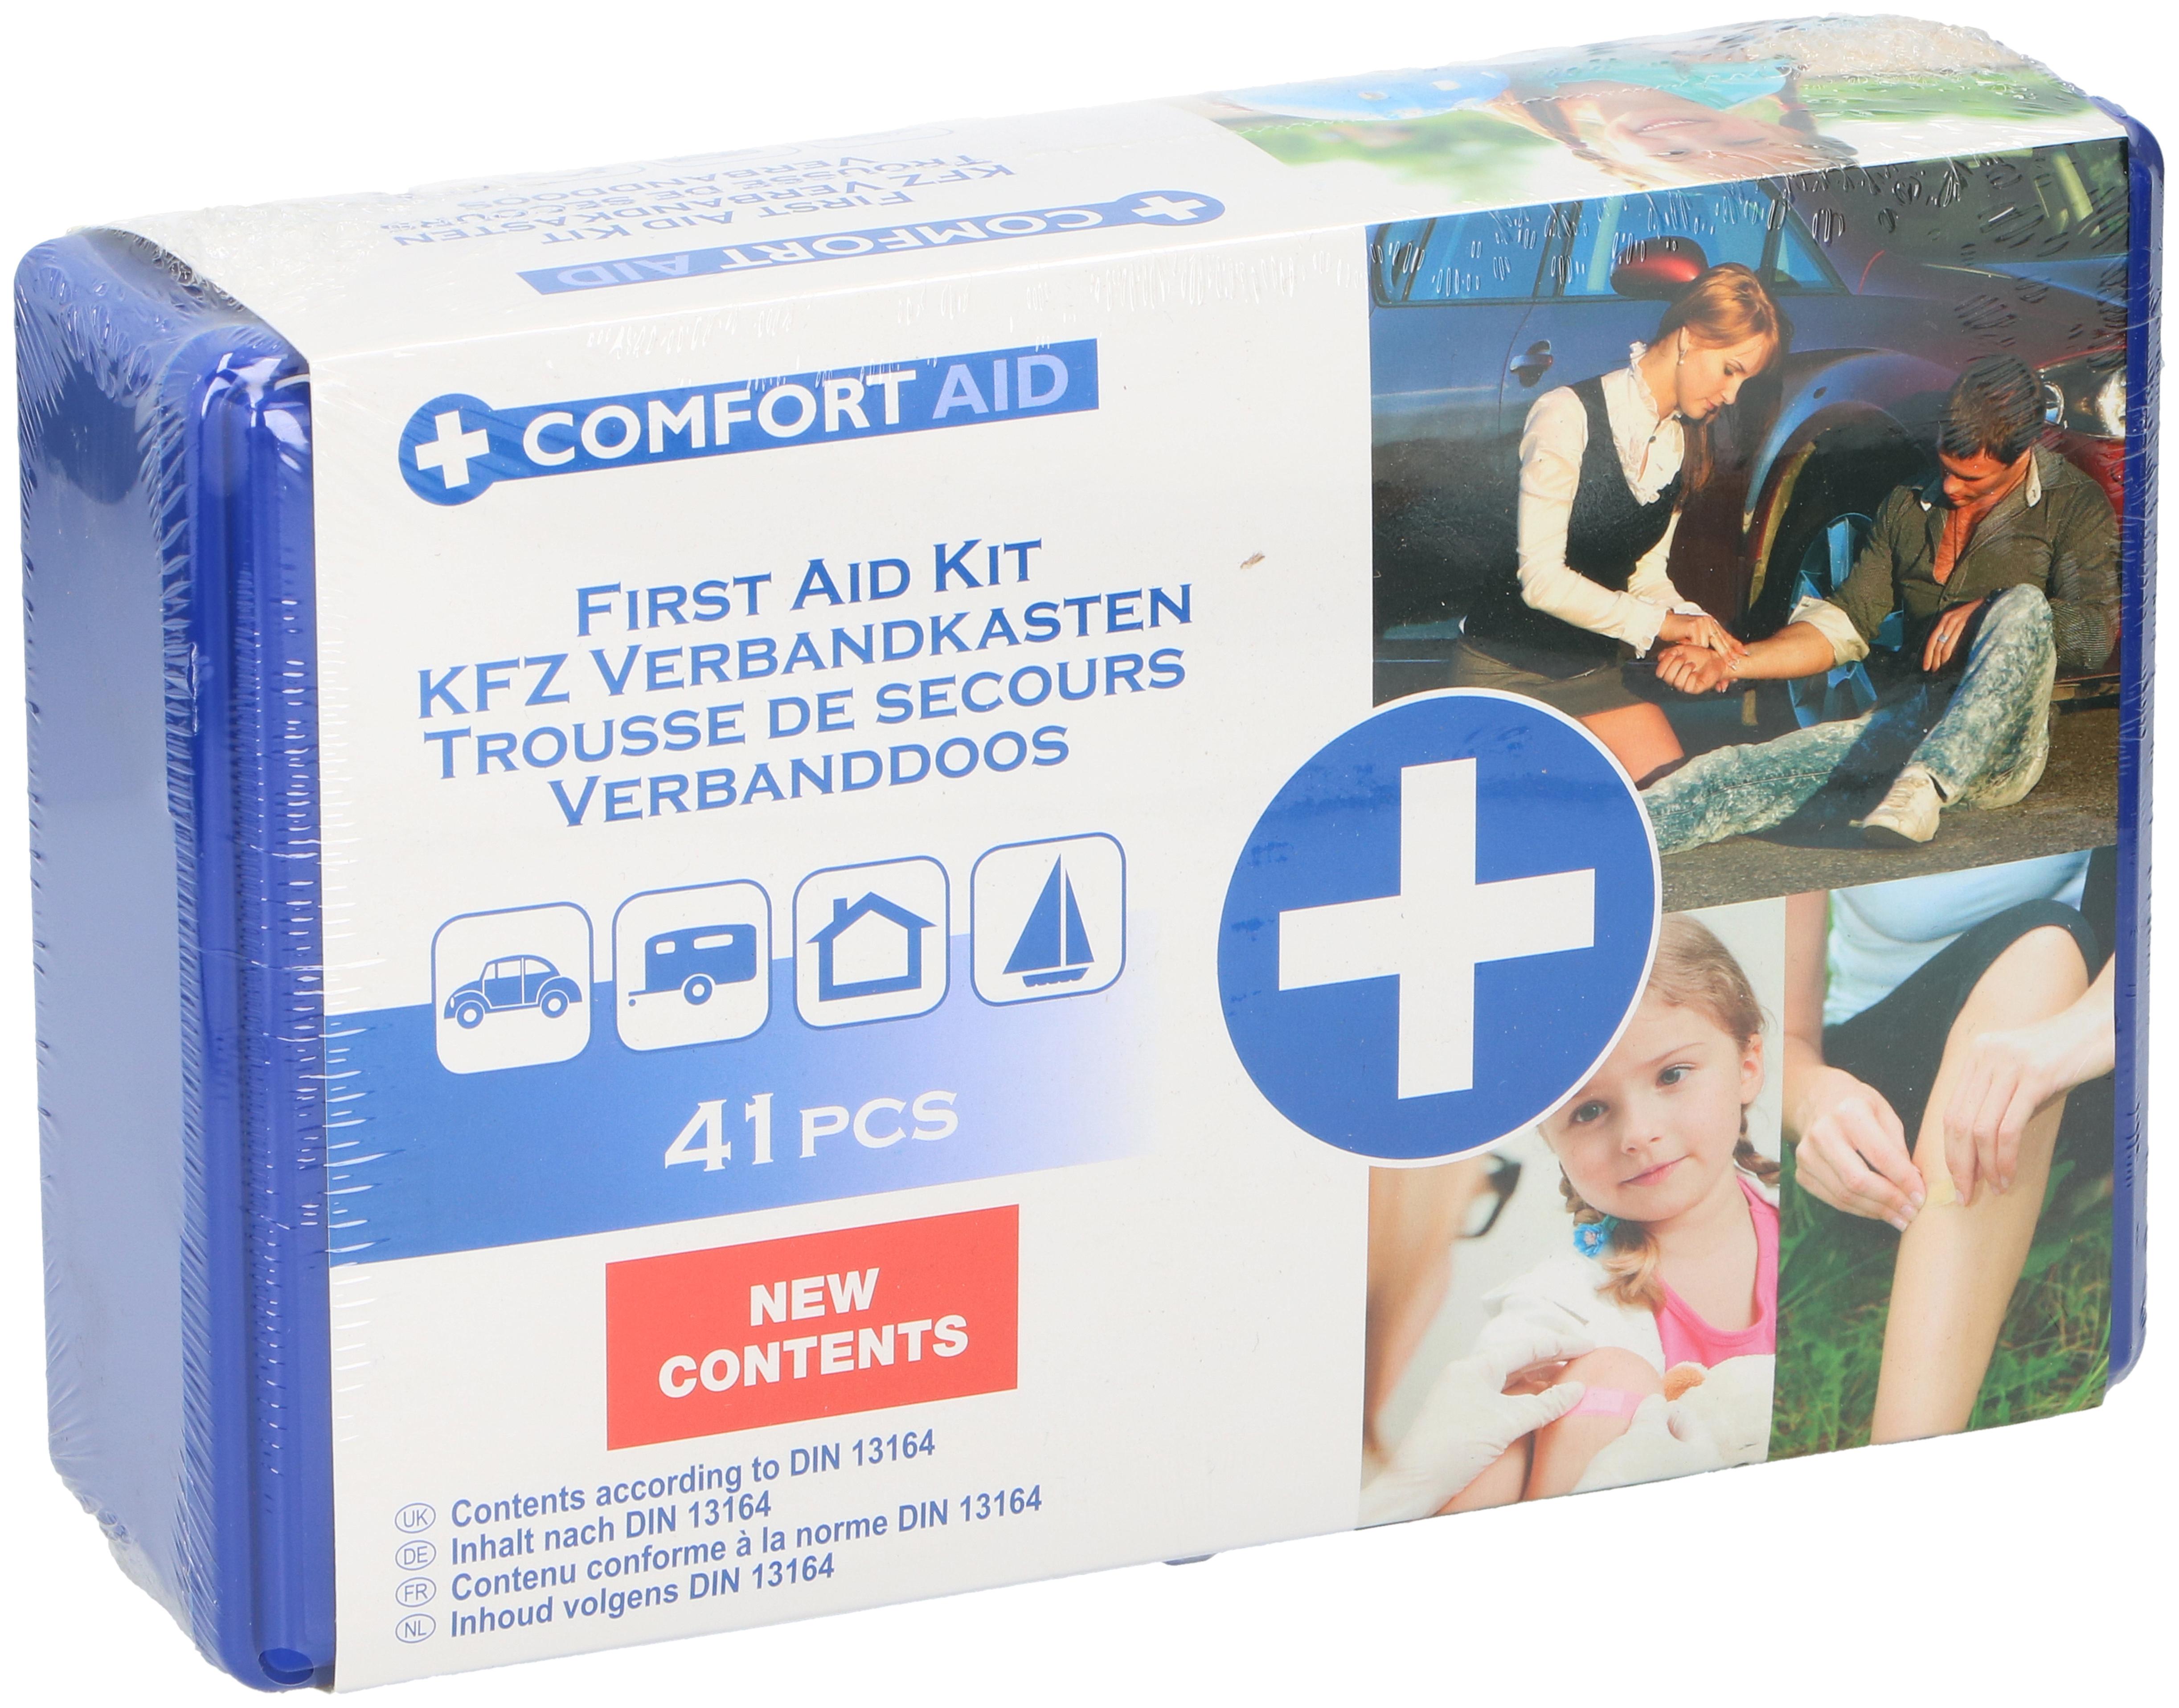 Comfort Aid Verbanddoos 41 Pcs Set